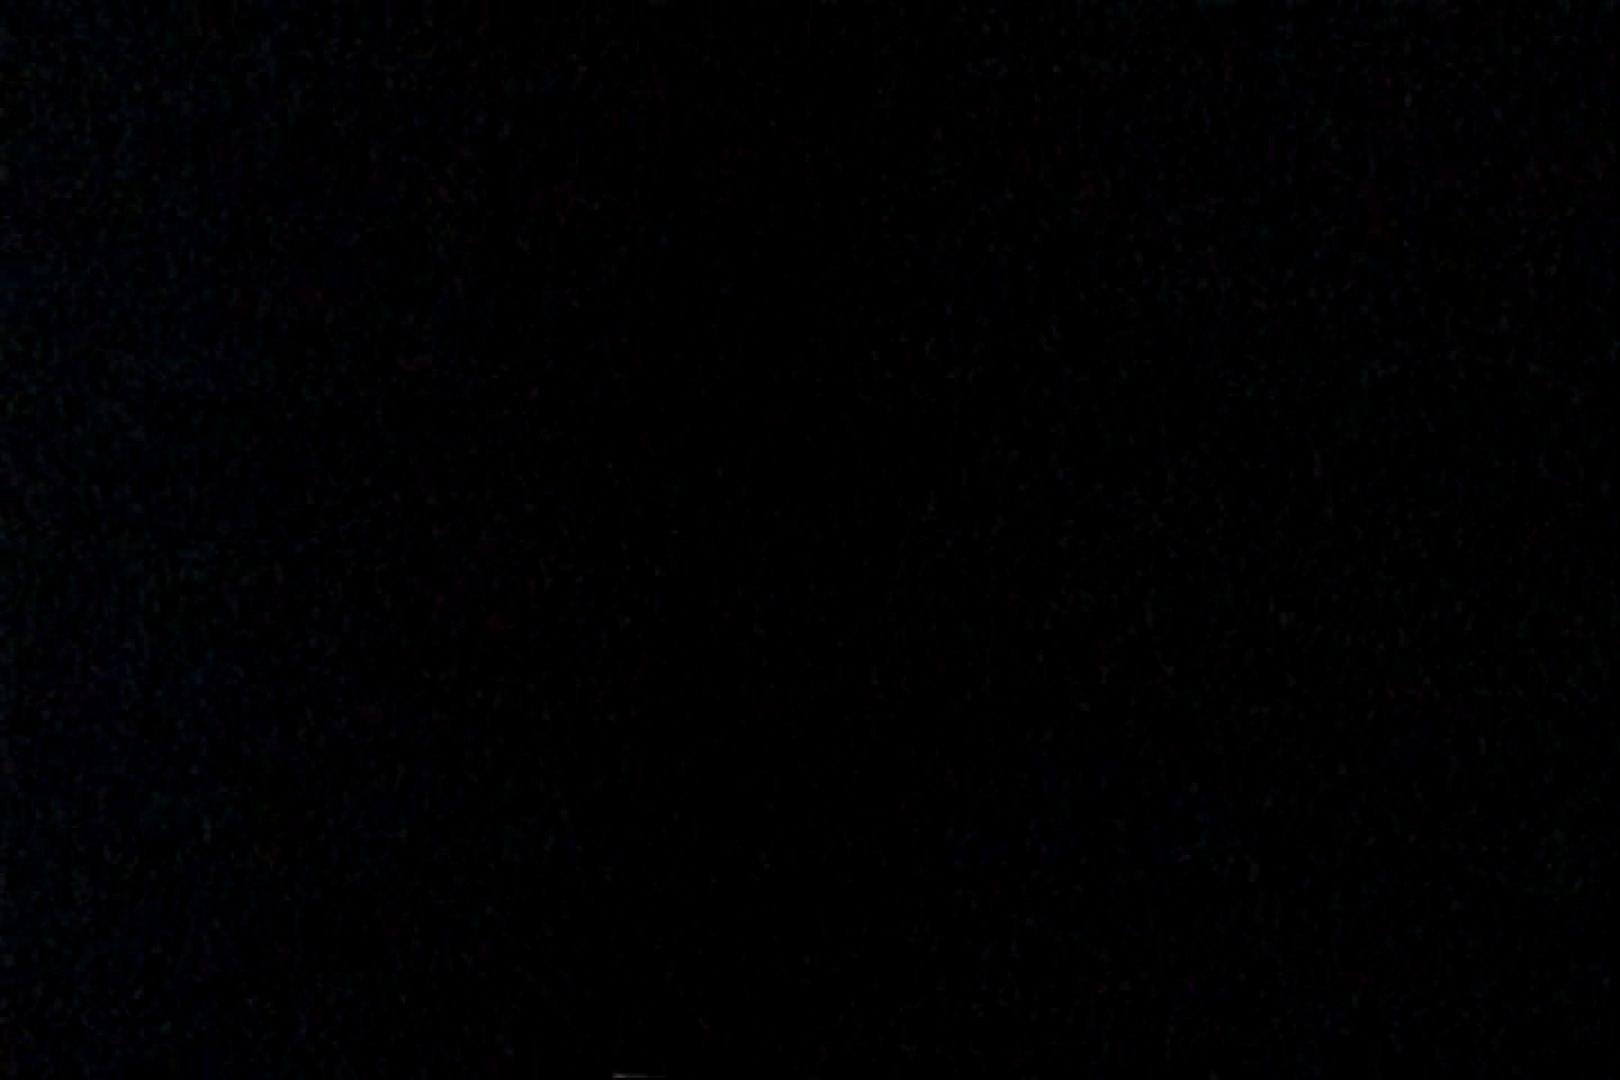 充血監督の深夜の運動会Vol.142 おまんこ丸見え | OL女体  103連発 61